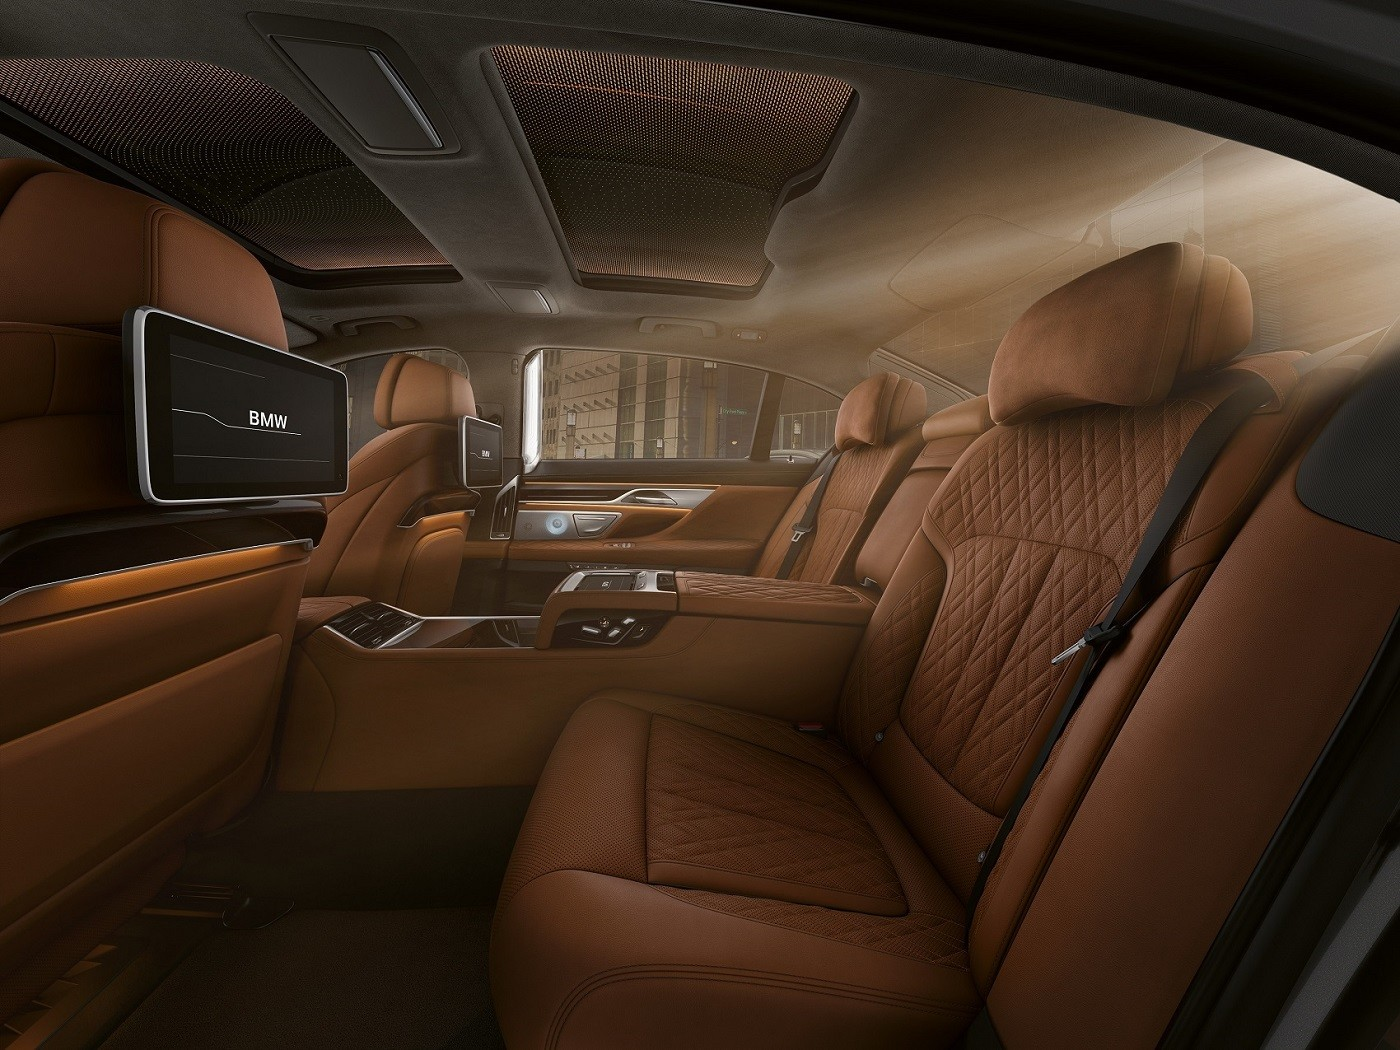 BMW 7 Series Backseat